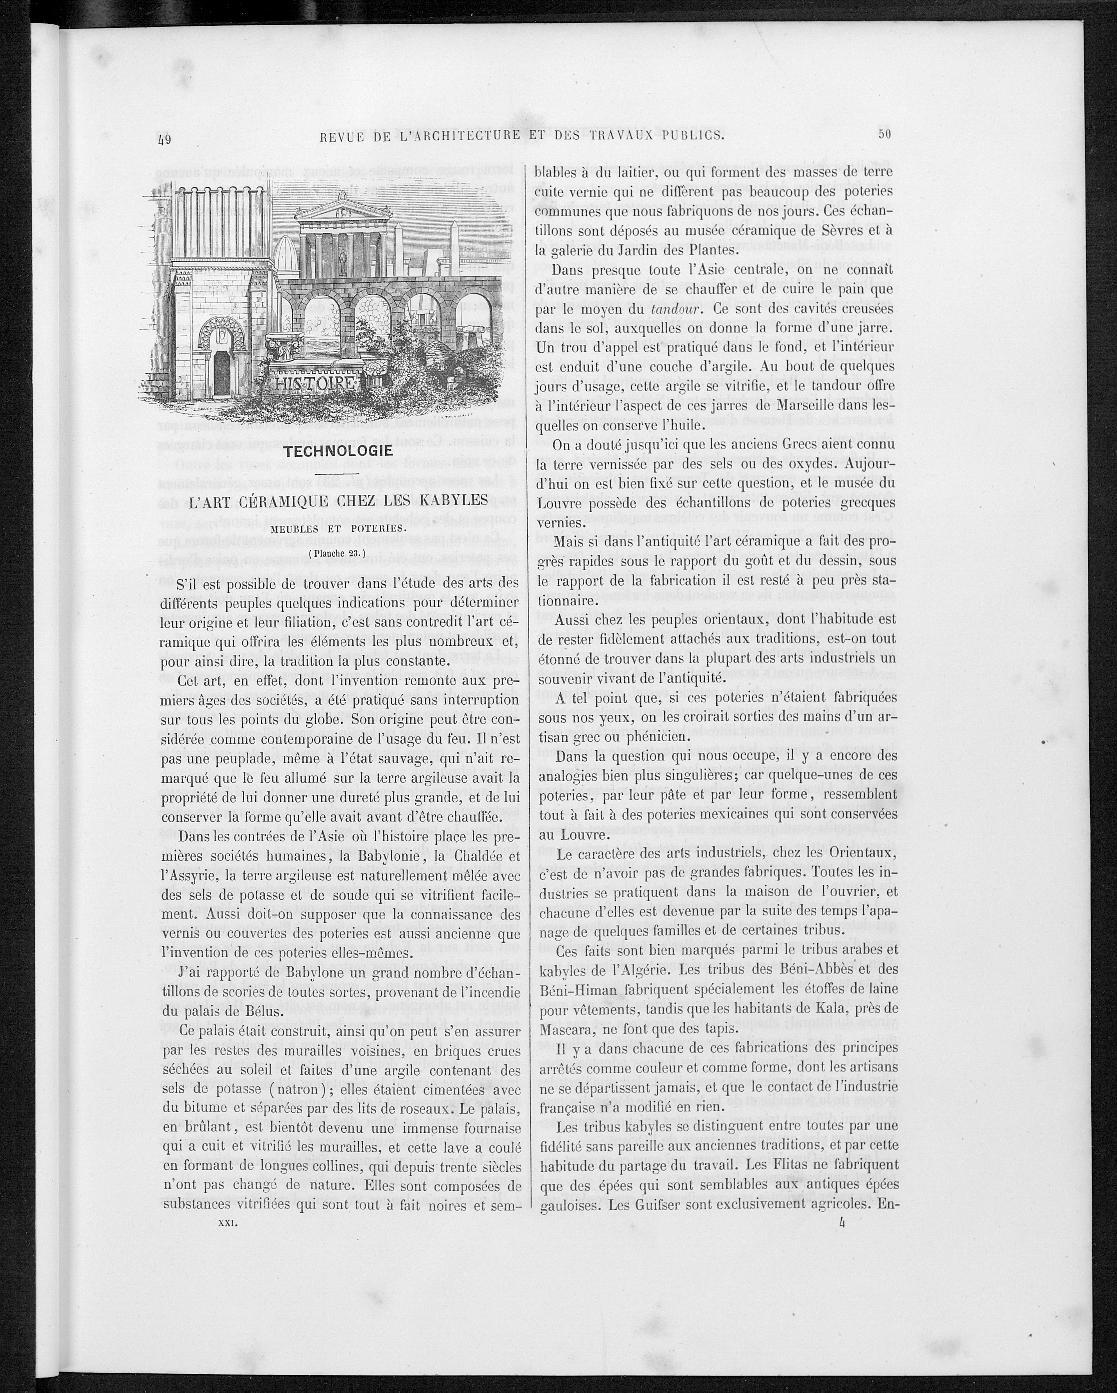 La revue générale de l'architecture, no. 2, 1863 |